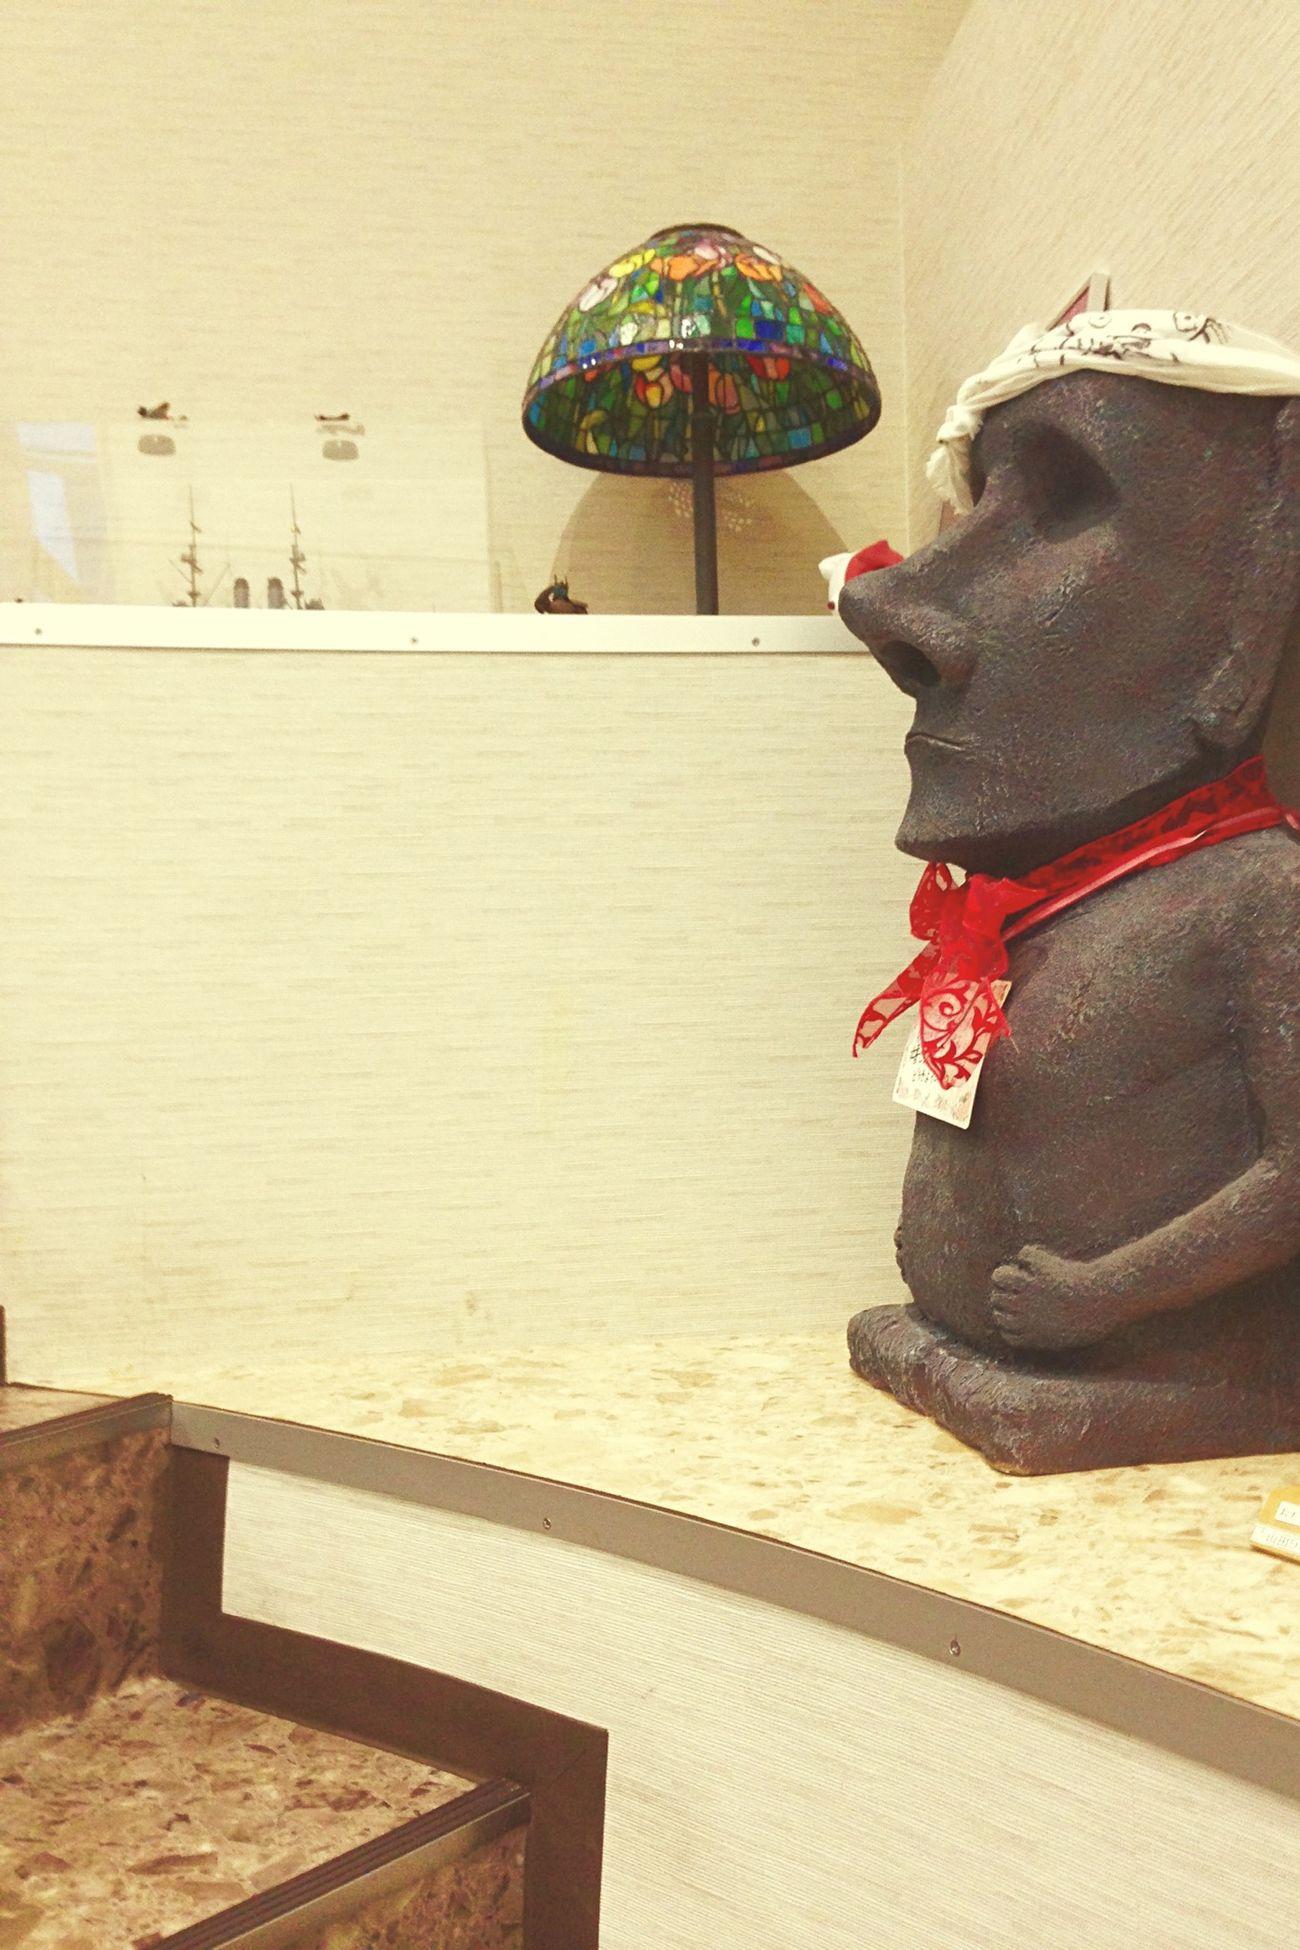 南米イースター島 モアイ像 皆んなを Happiness ♡ Human Face Stone Statue 家に飾ろうかな🗿✨